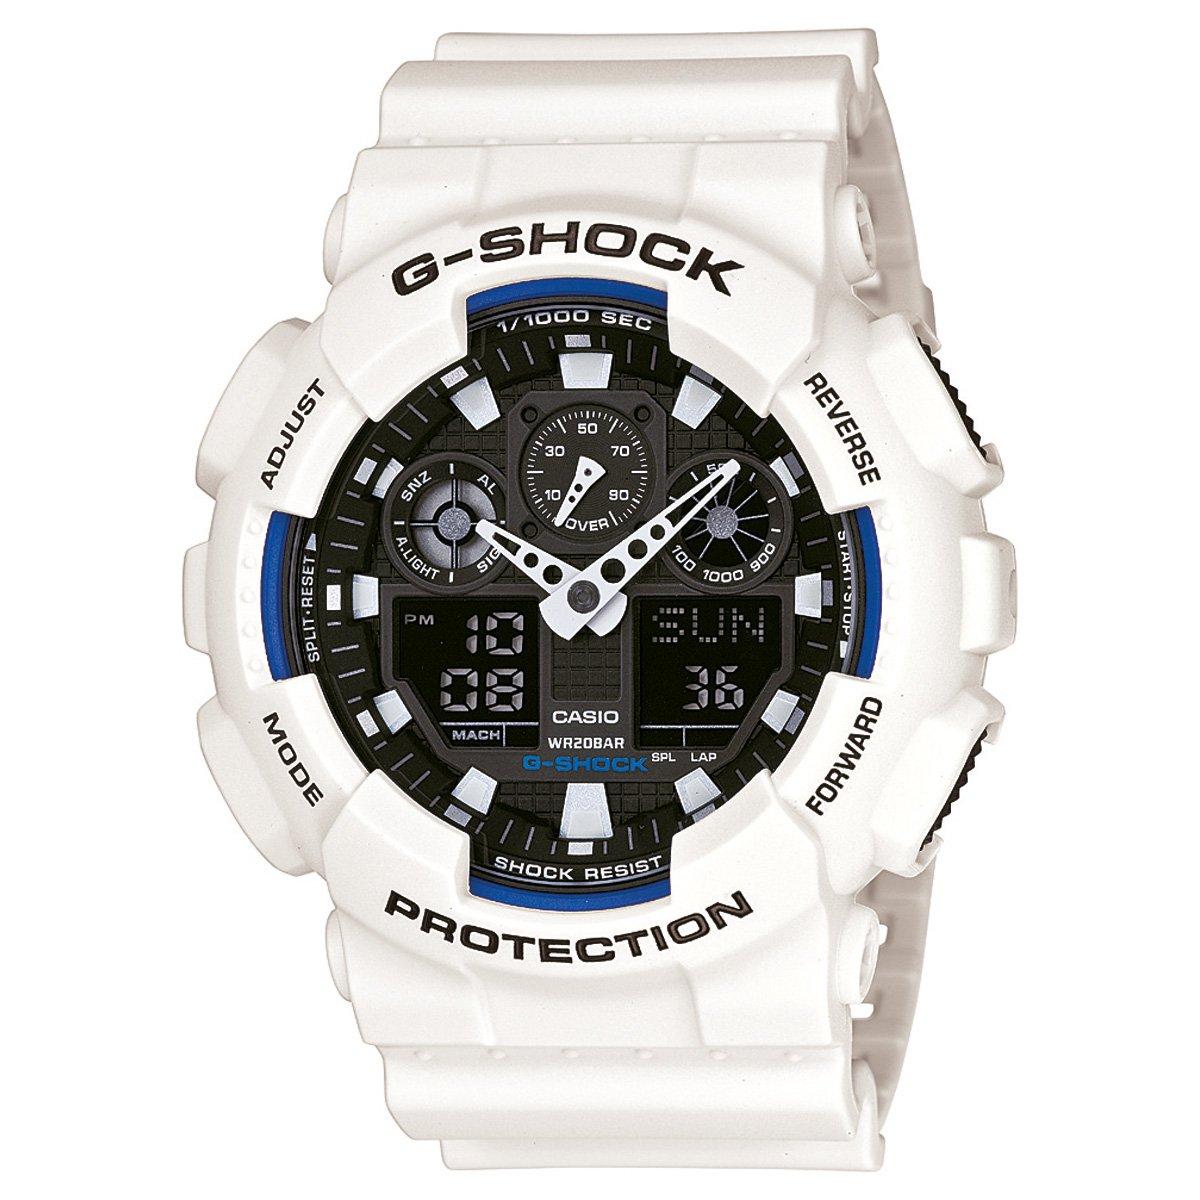 c16d3b440c2 Relógio G-Shock GA-100 - Branco e Preto - Compre Agora